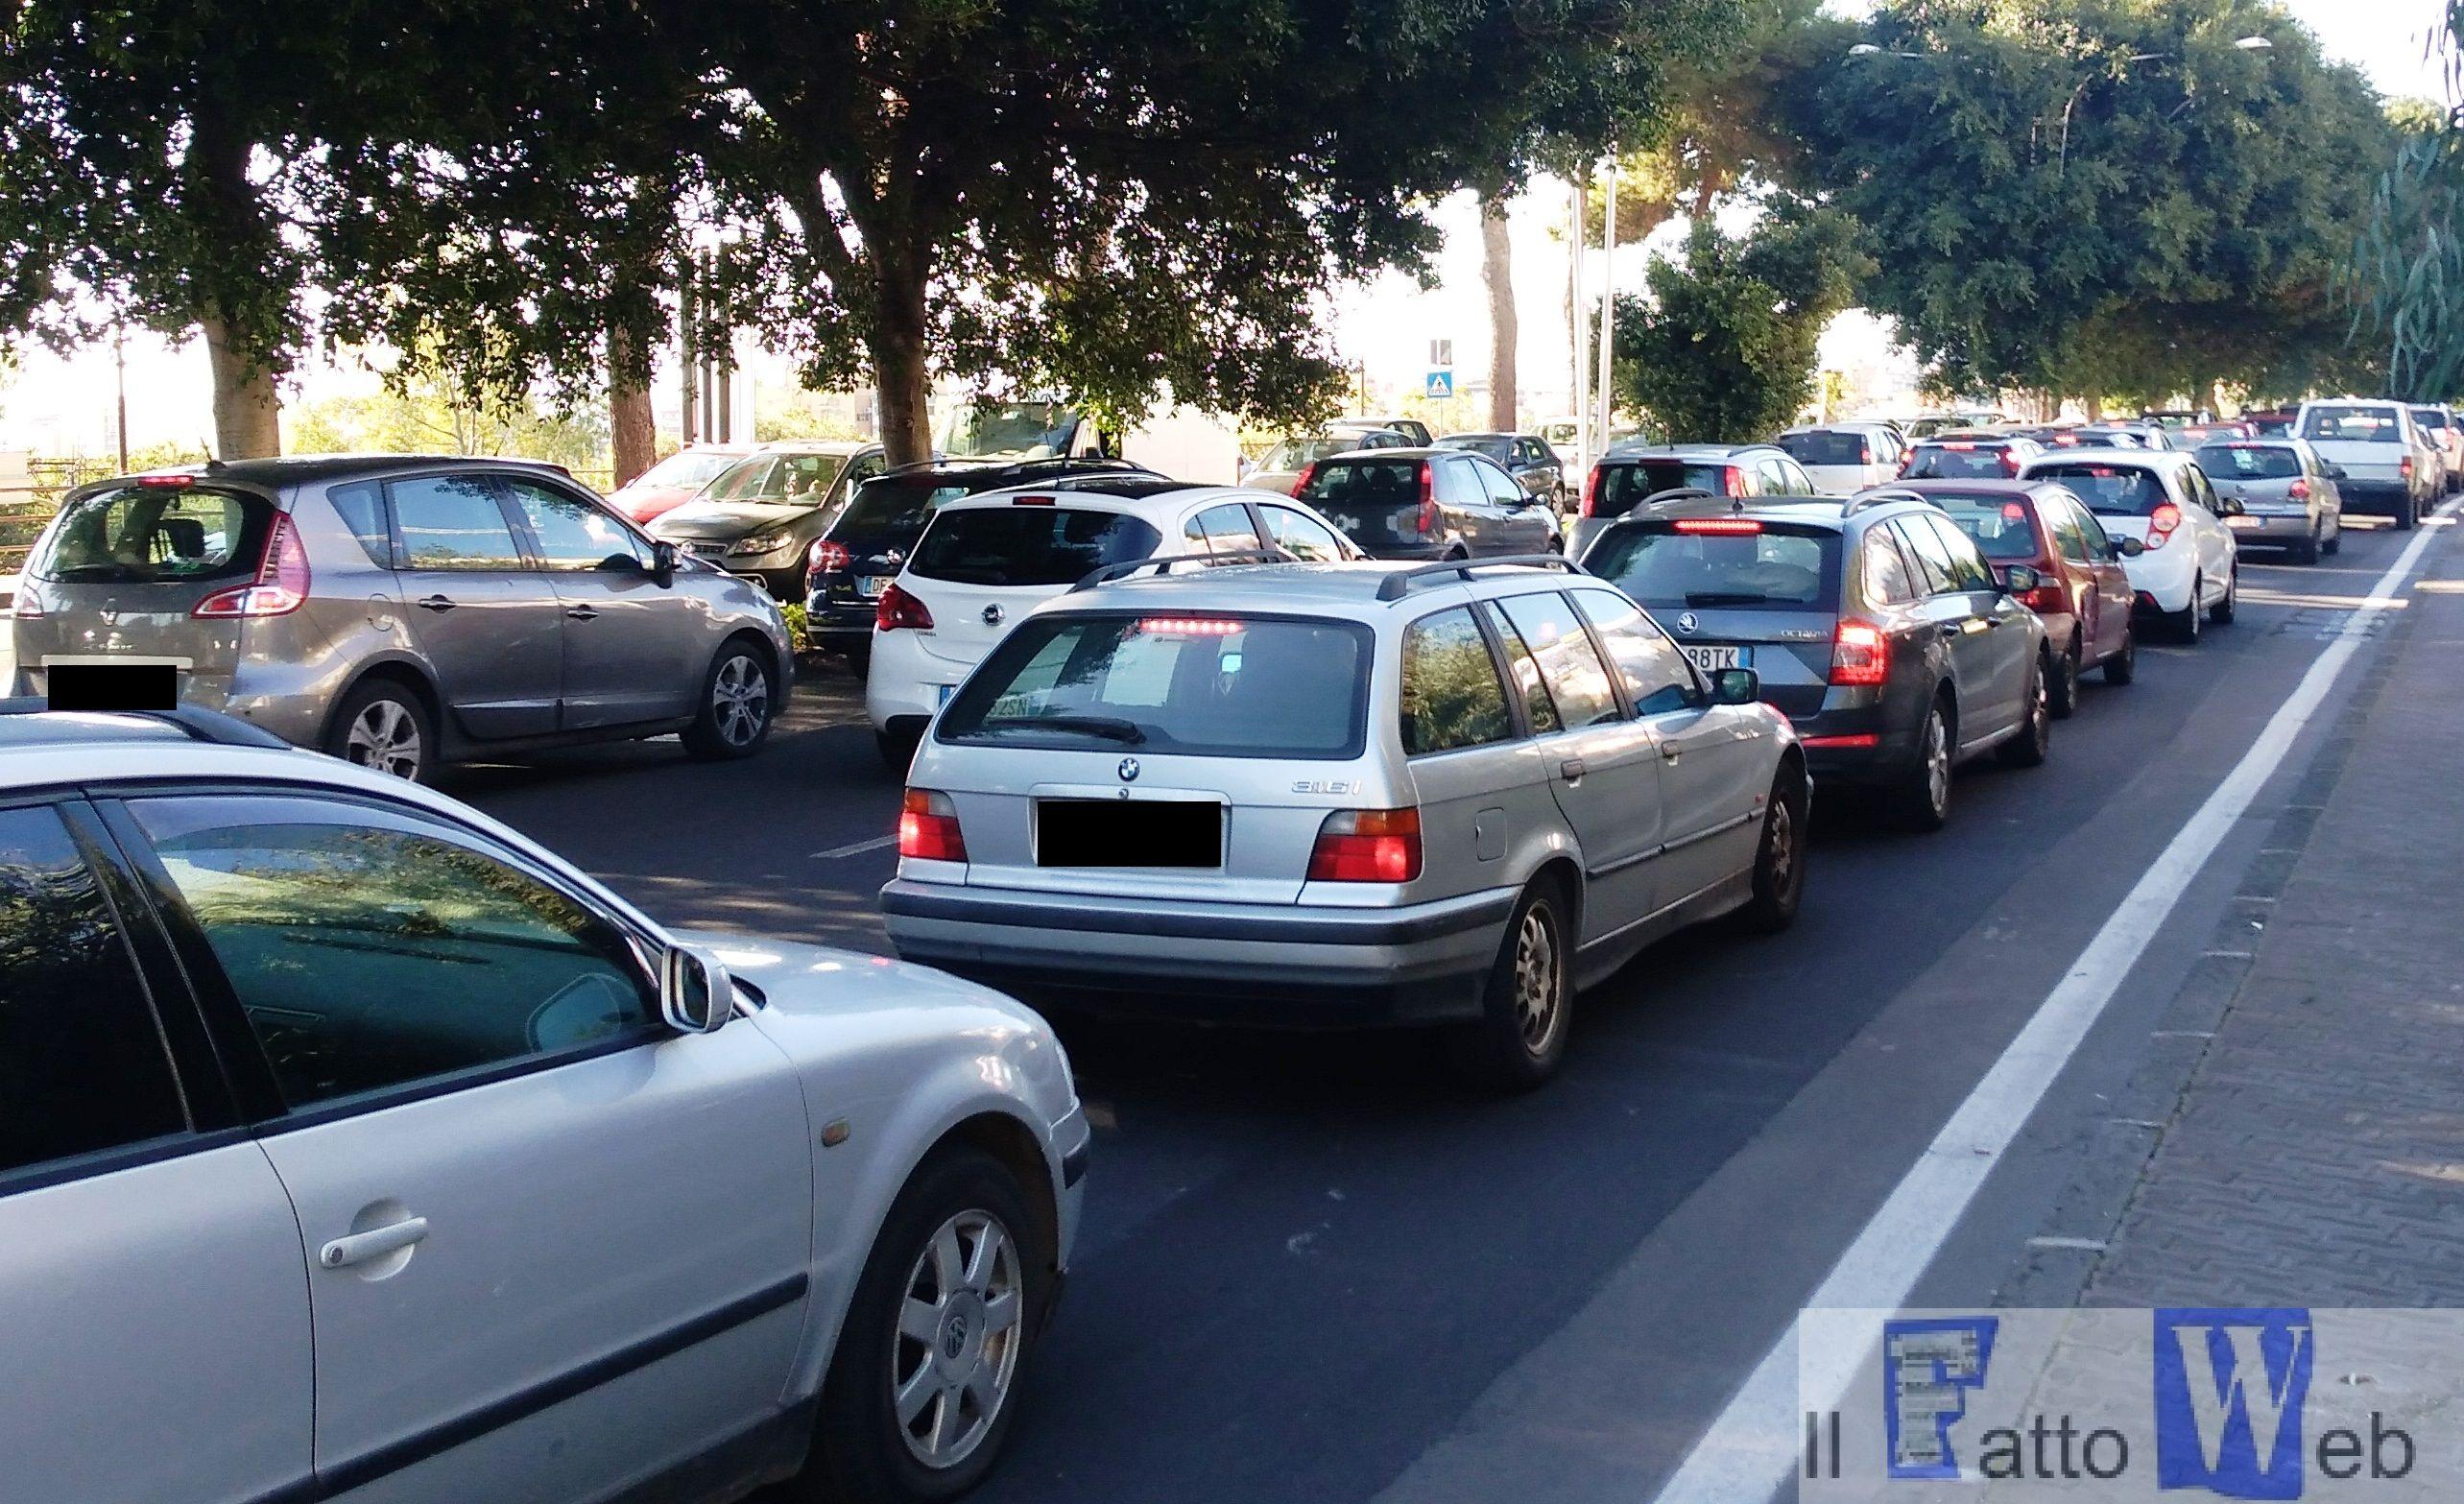 Rotonda chiusa e traffico nella IV municipalità.